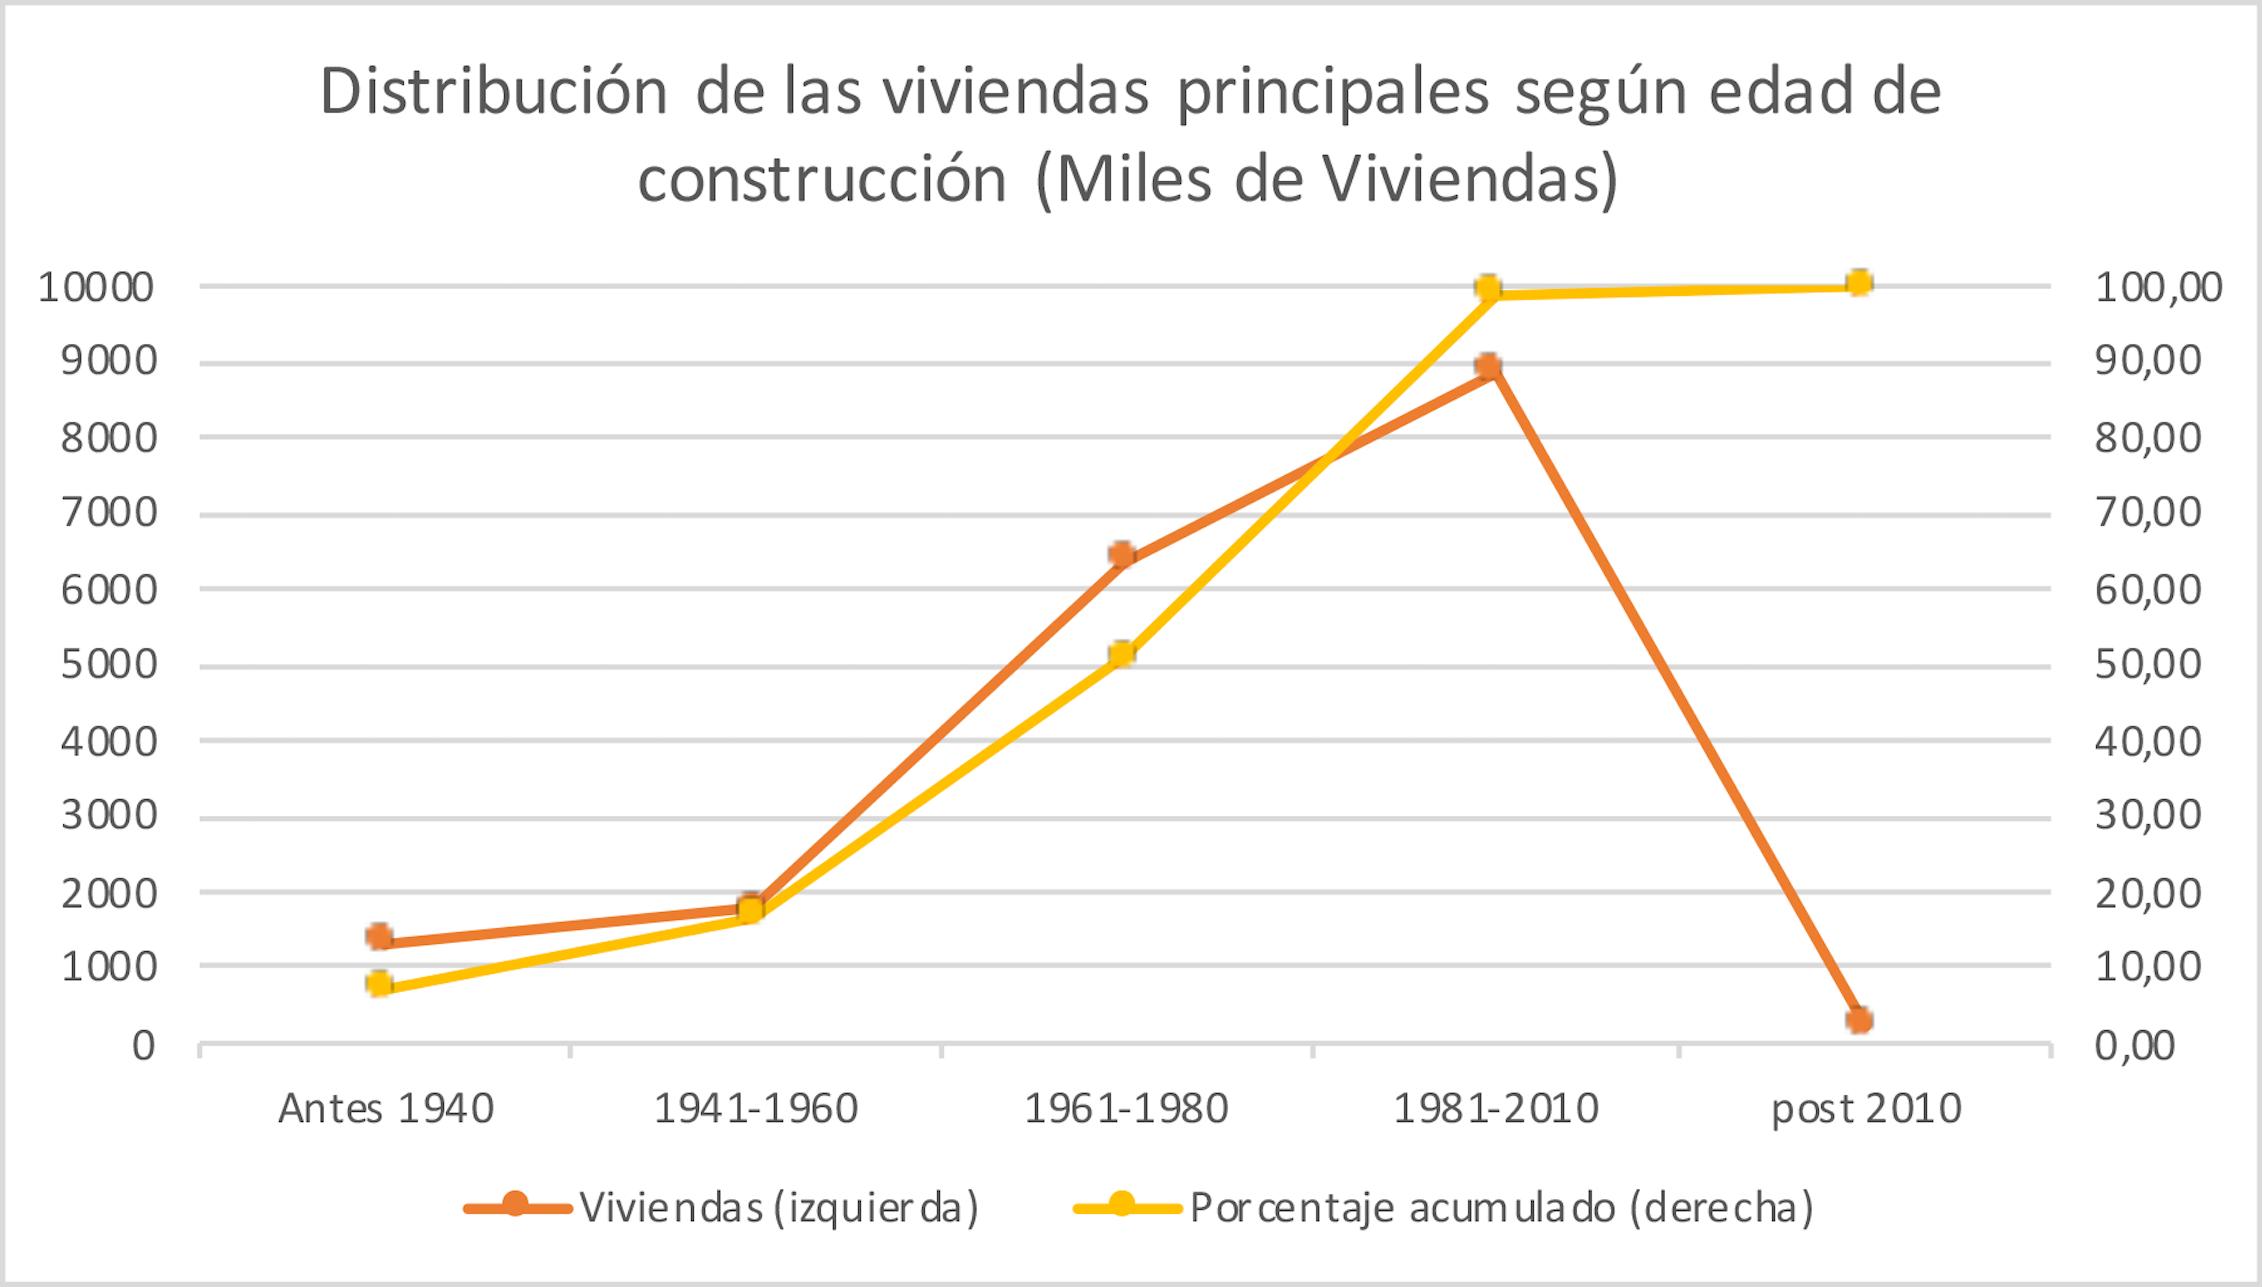 Distribución de las viviendas principales según edad de construcción (miles de viviendas).Elaboración propia a partir de los datos de la Estrategia de Rehabilitación Energética en el Sector de la Edificación en España (ERESEE, 2020), según MITMA a partir de Encuesta Continua de Hogares 2018 (INE).